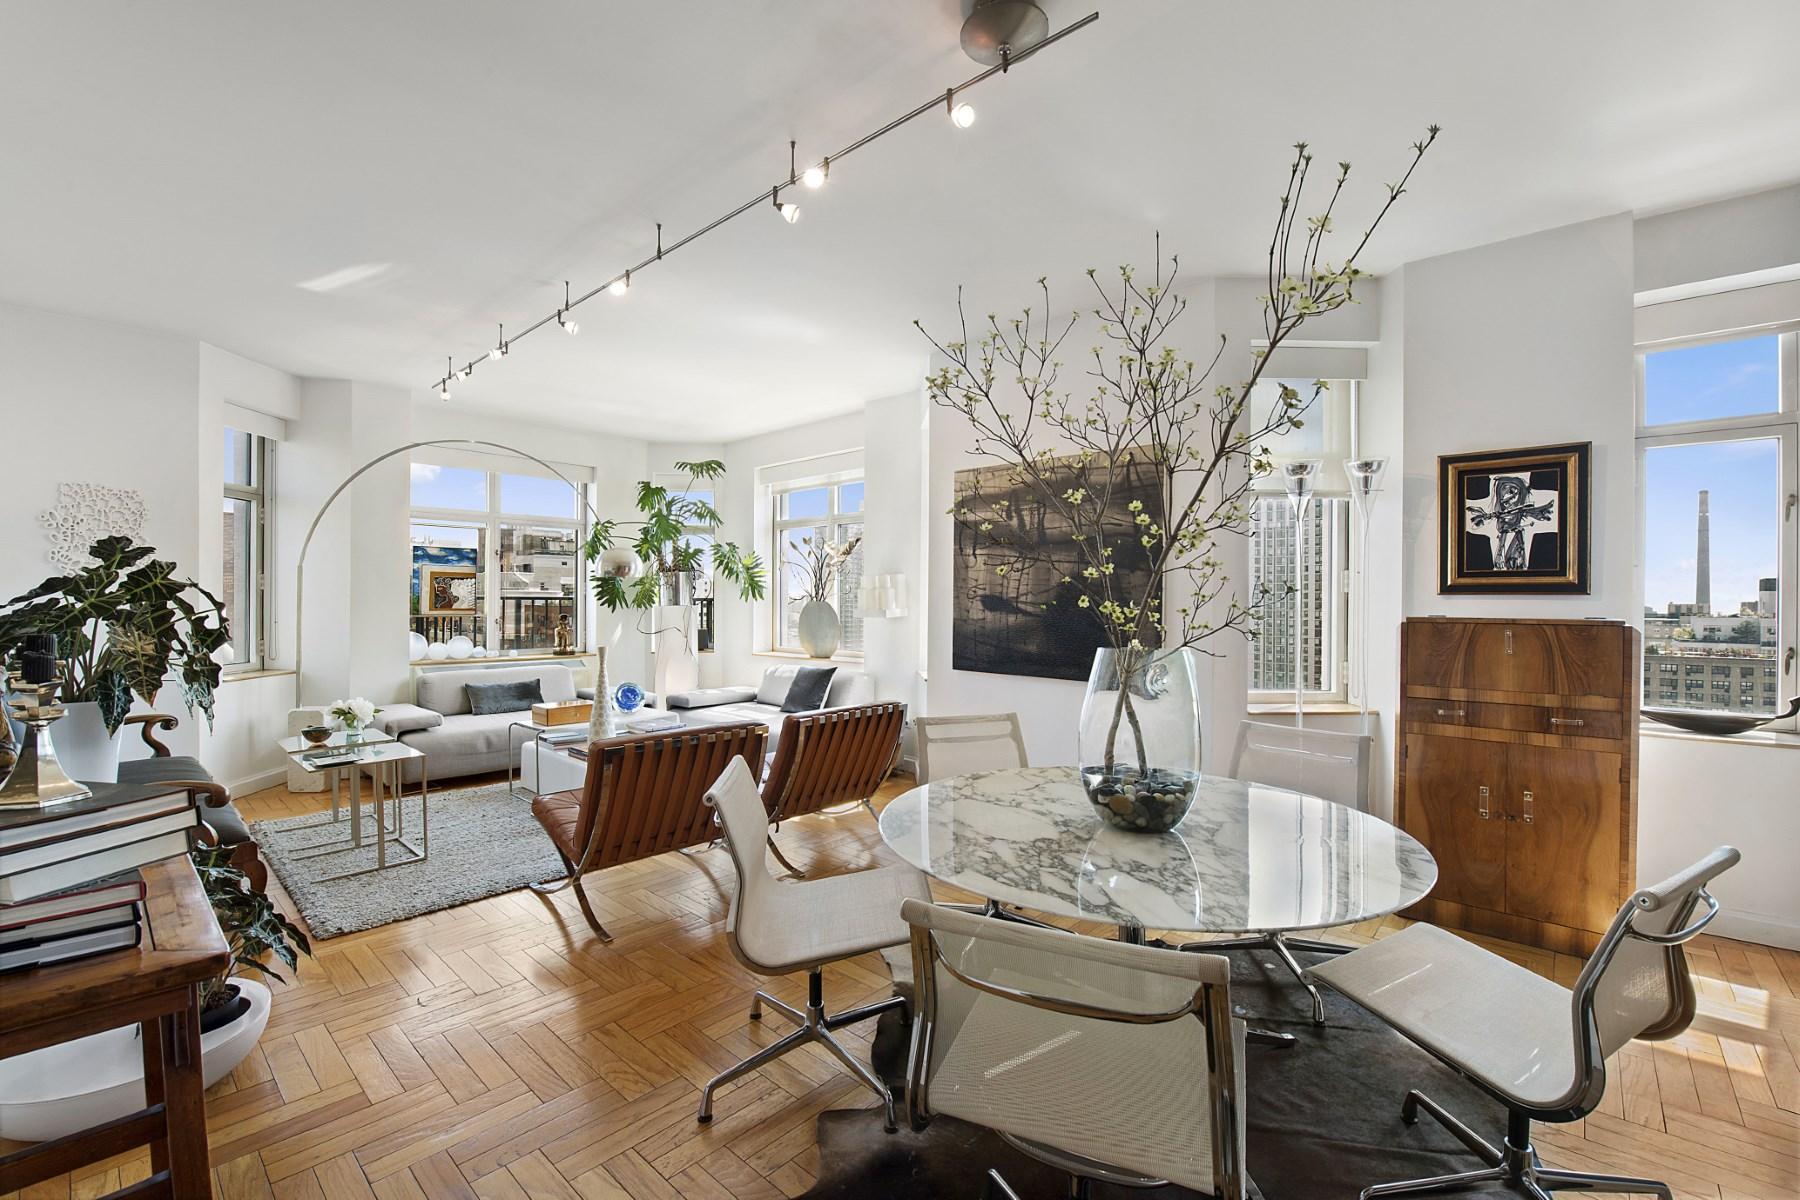 共管式独立产权公寓 为 销售 在 188 East 76th Street, Apt 18B 188 East 76th Street Apt 18b Upper East Side, New York, 纽约州 10021 美国